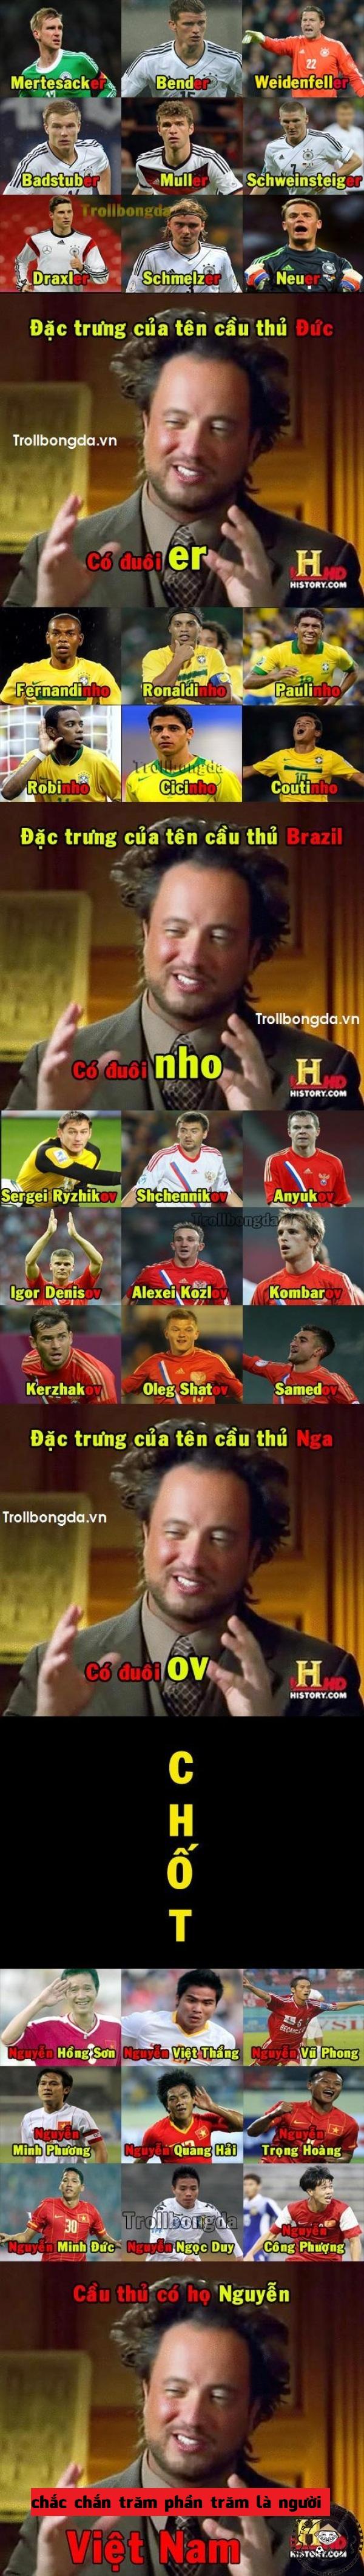 Cứ họ Nguyễn là Việt Nam nhỉ?